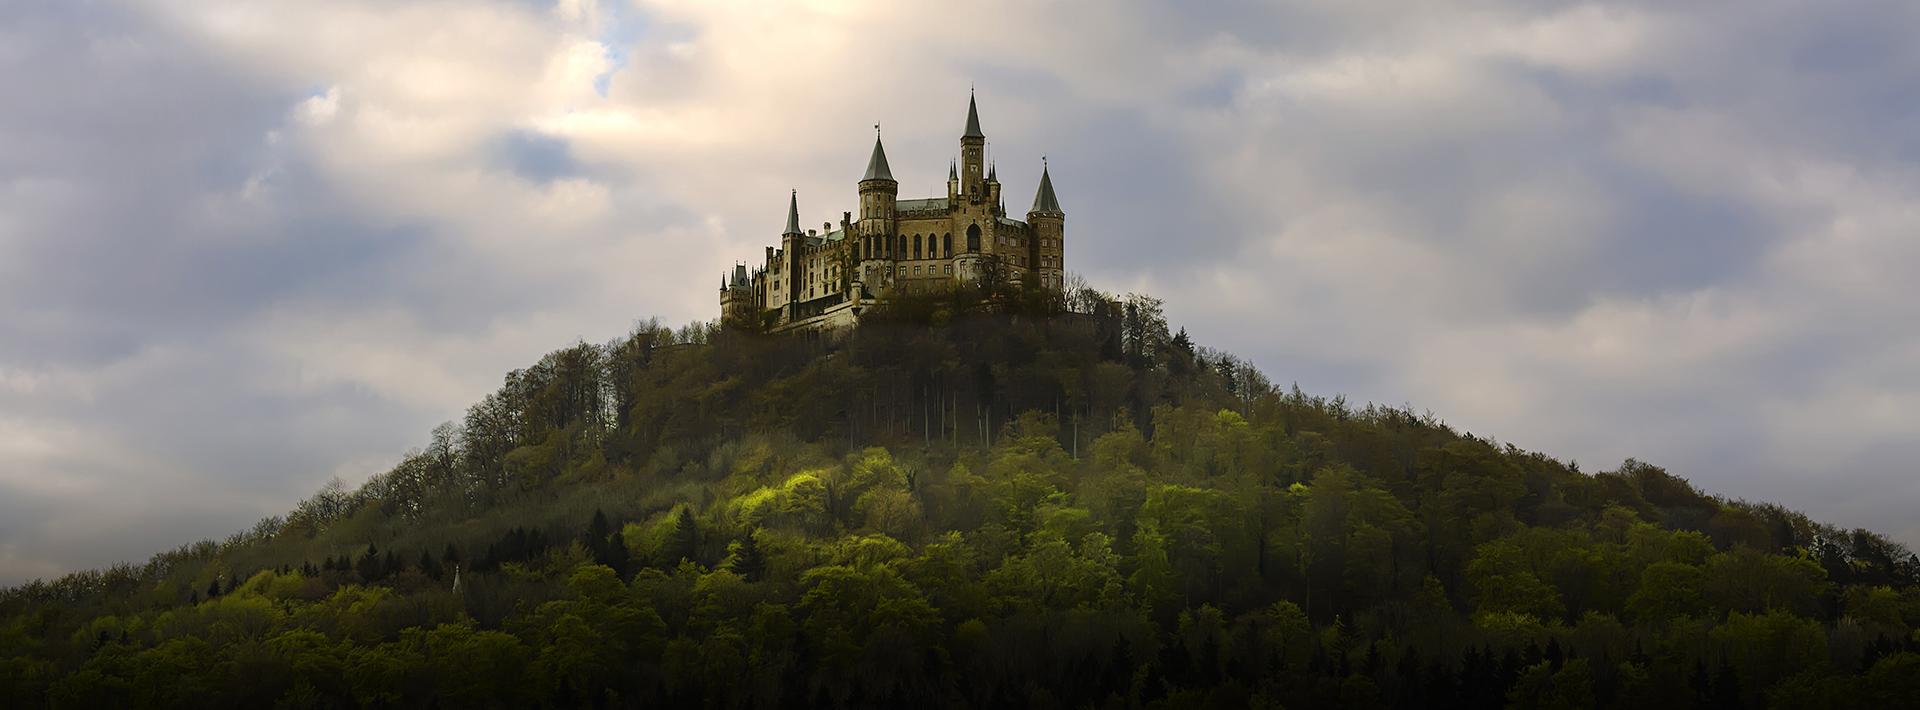 foto van kasteel op berg met mooie wolkenpartij